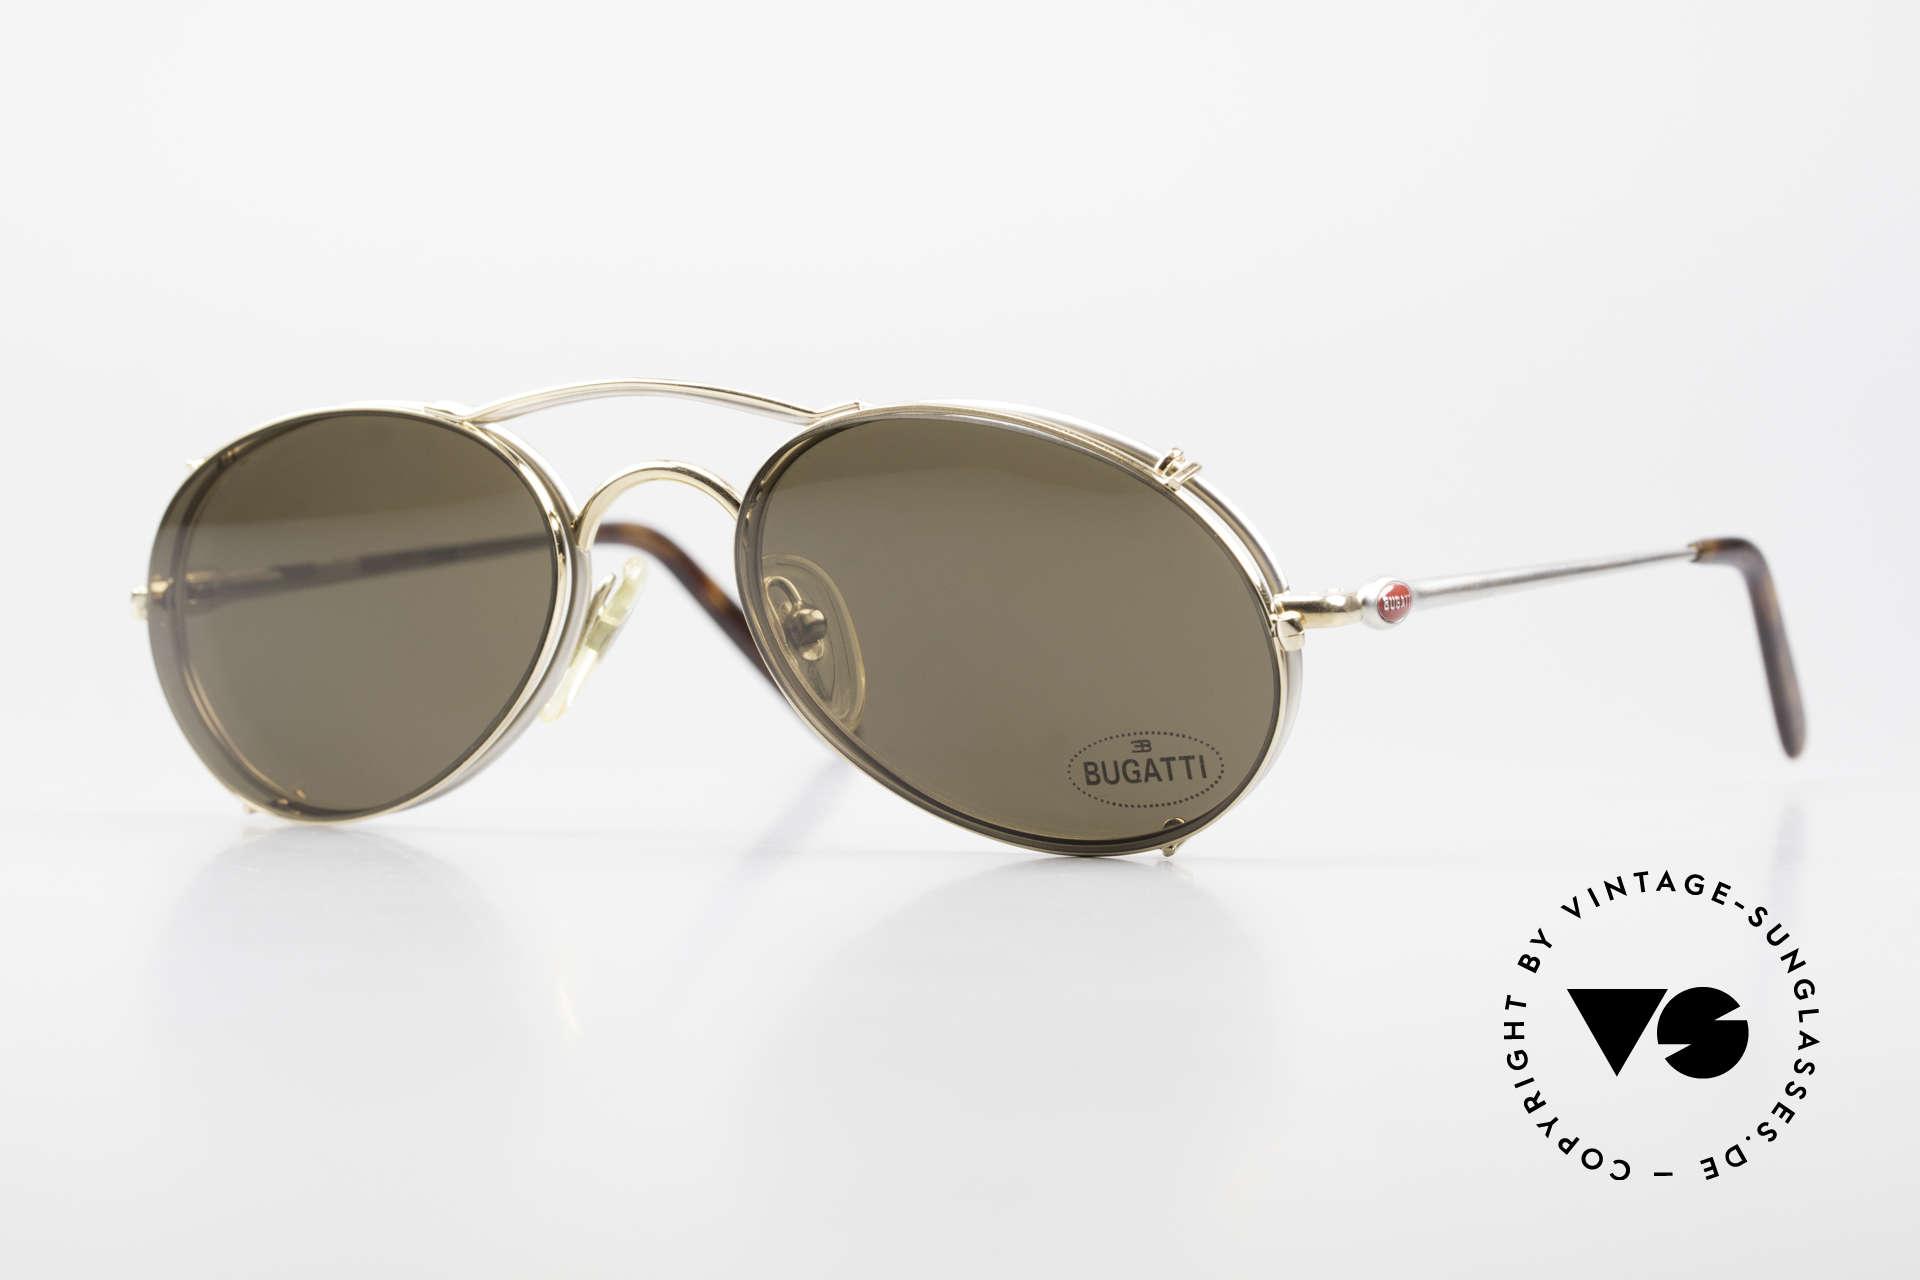 Bugatti 23439 Vintage Brille Mit Sonnenclip, hoher Komfort und Passform durch Federgelenke, Passend für Herren